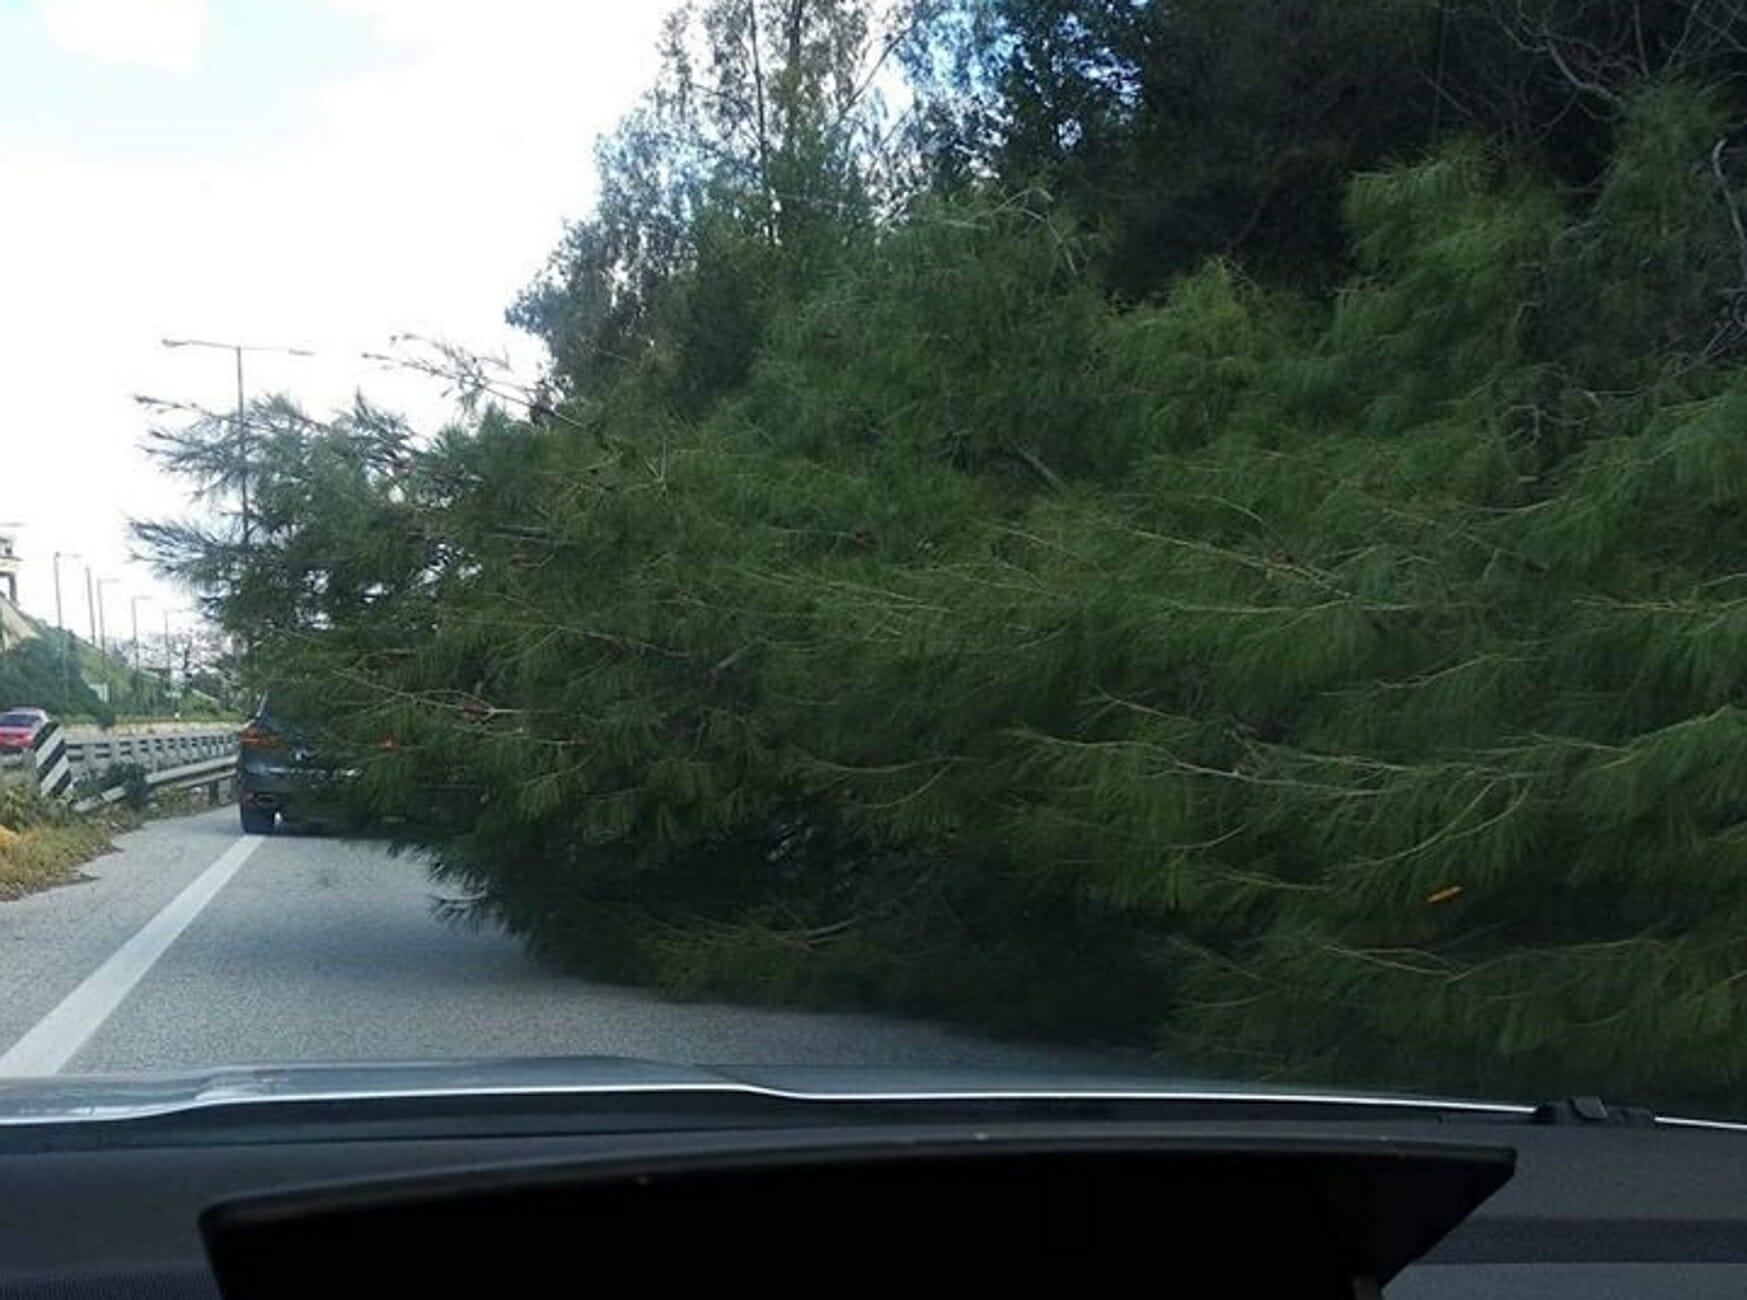 Κρήτη: Η πτώση του δέντρου έκλεισε το ένα ρεύμα της εθνικής οδού! Τα έχασαν οι οδηγοί (Φωτό)